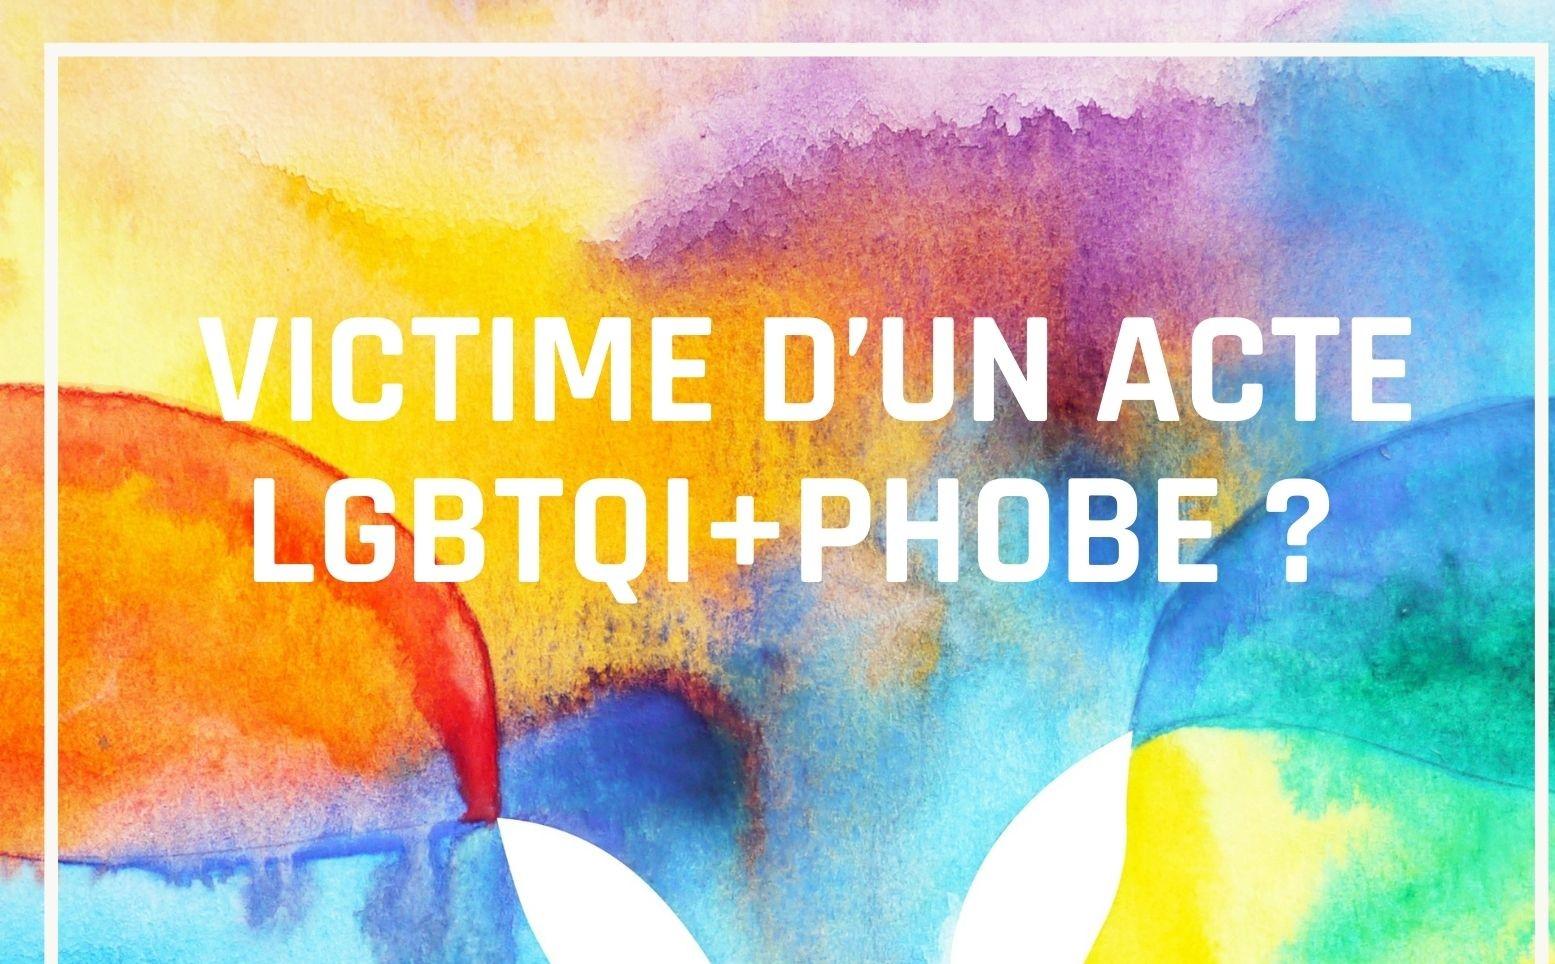 Collecte de données sur les violences LGBTQI+phobes